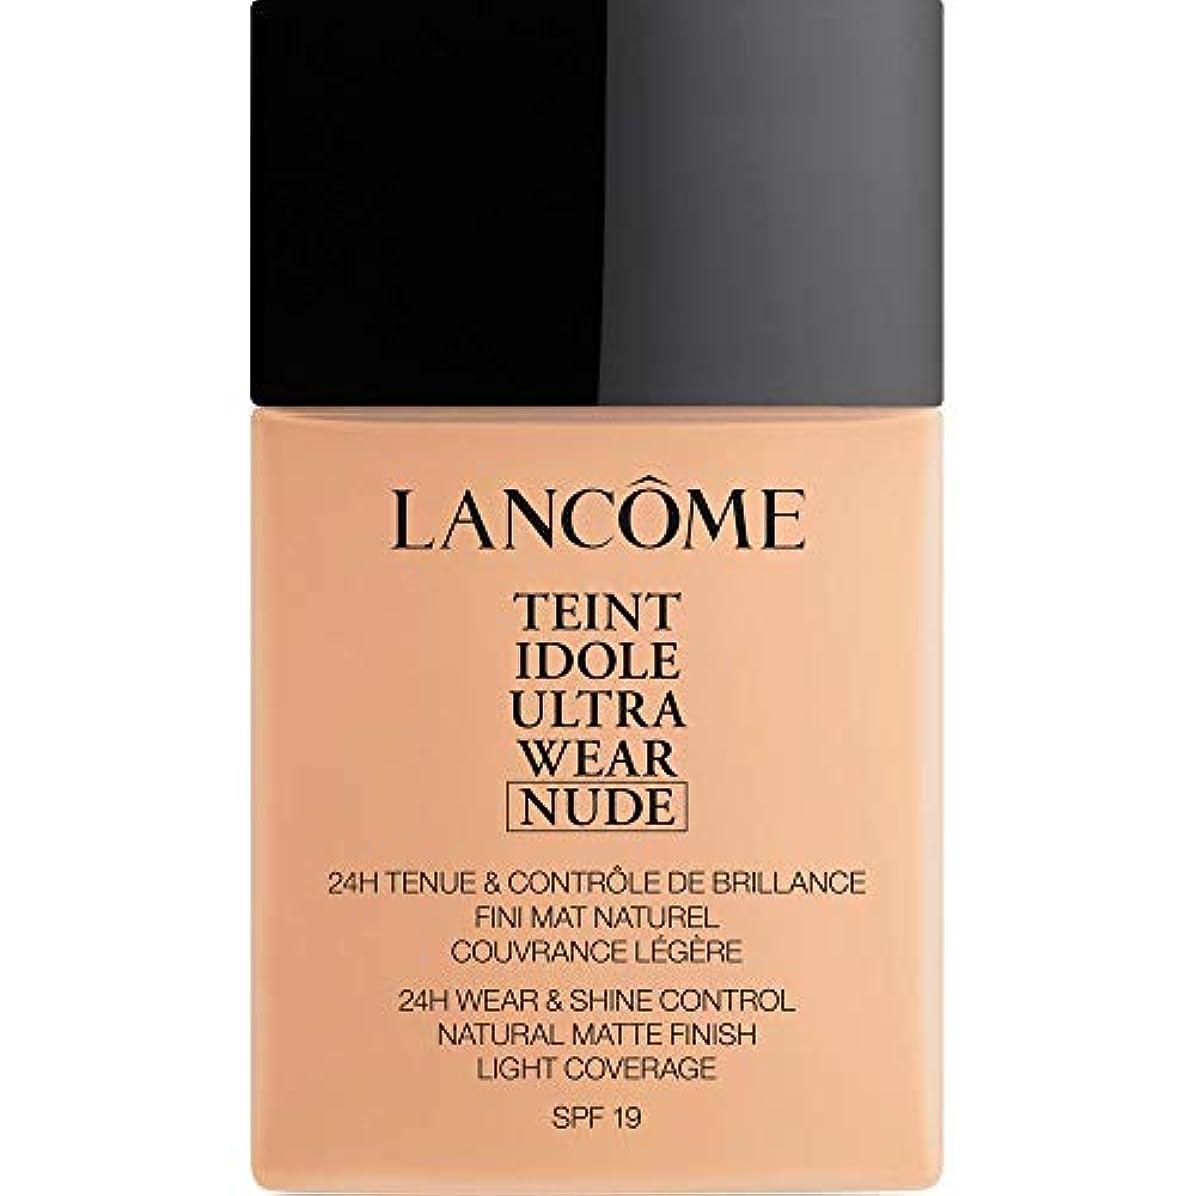 広まった熱心な誰の[Lanc?me ] ランコムTeintのIdole超摩耗ヌード財団Spf19の40ミリリットル023 - ベージュオロール - Lancome Teint Idole Ultra Wear Nude Foundation...